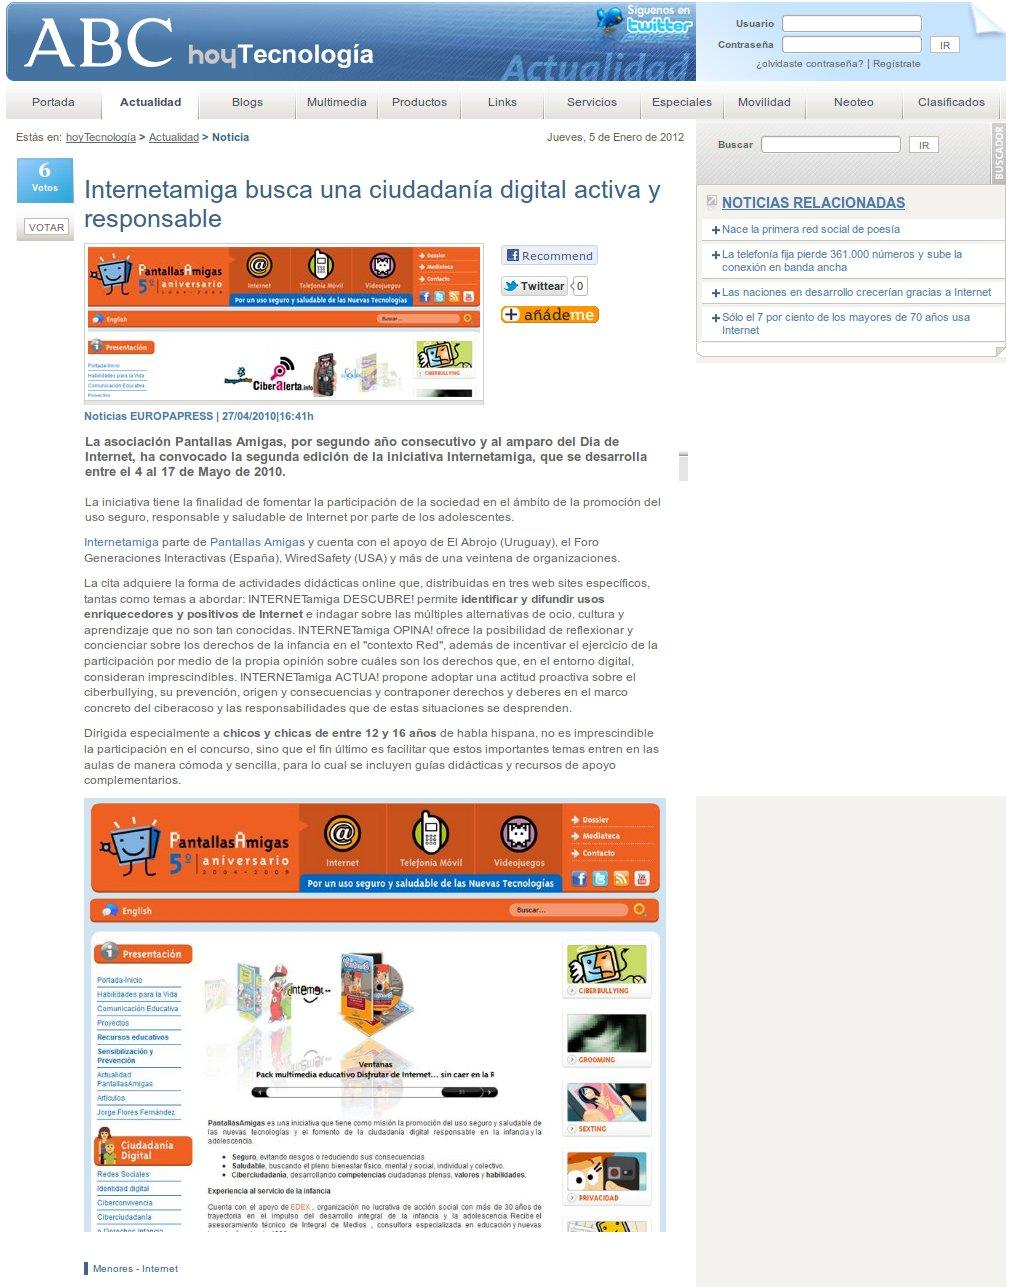 Internetamiga busca una ciudadanía digital activa y responsable